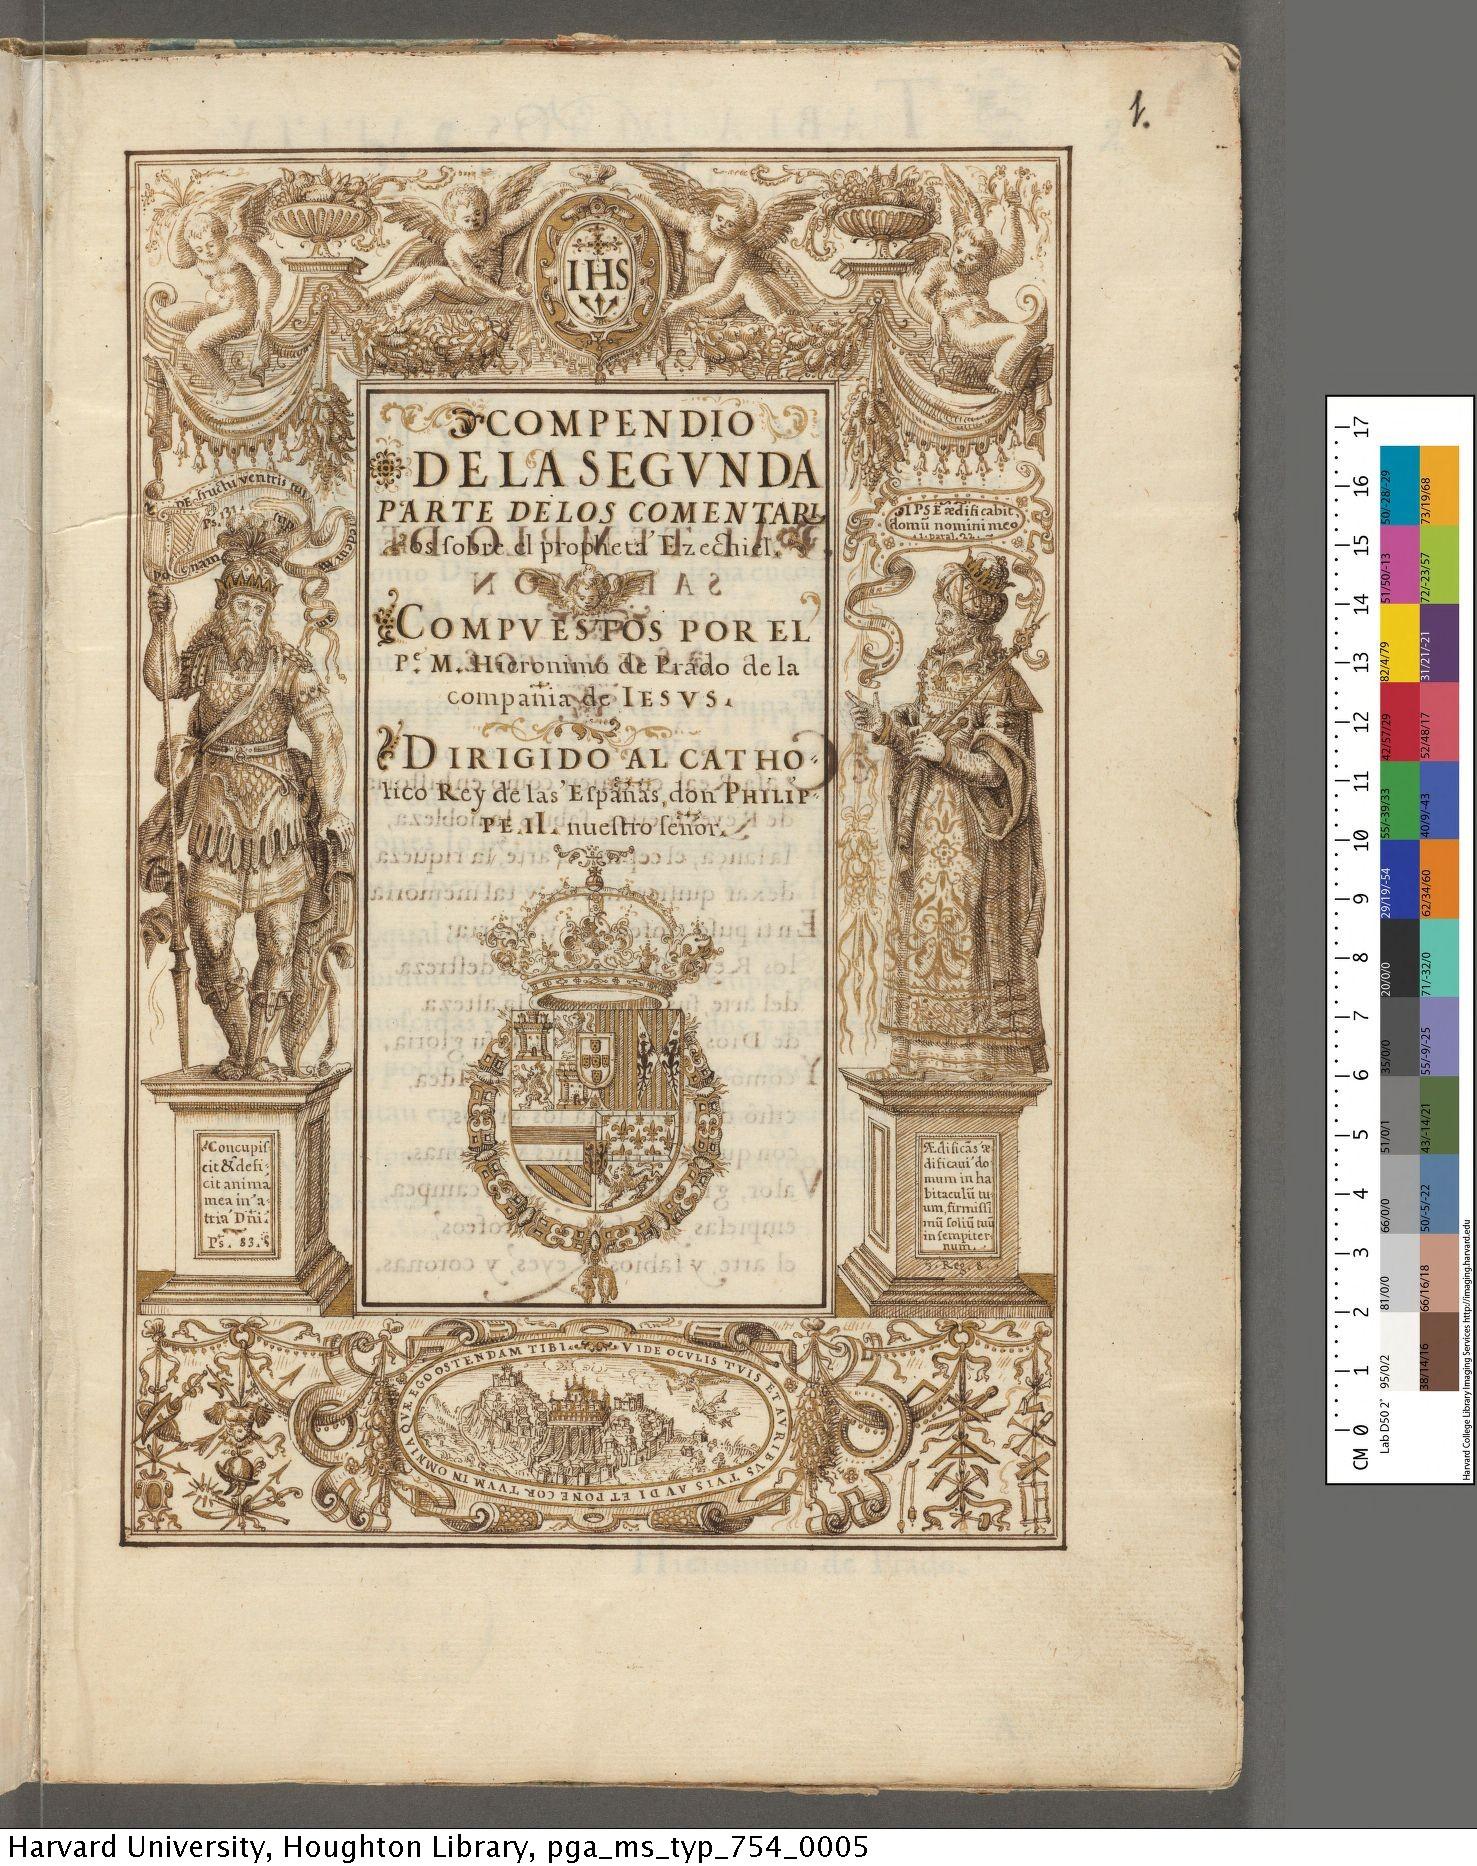 Prado, Jerónimo de, 1547-1595. Compendio de la segunda parte de los comentarios sobre el propheta Ezechiel / compuestos por el P. M. Hieronimo de Prado de la compania de Iesus : manuscript, [before 1596]. MS Typ 754